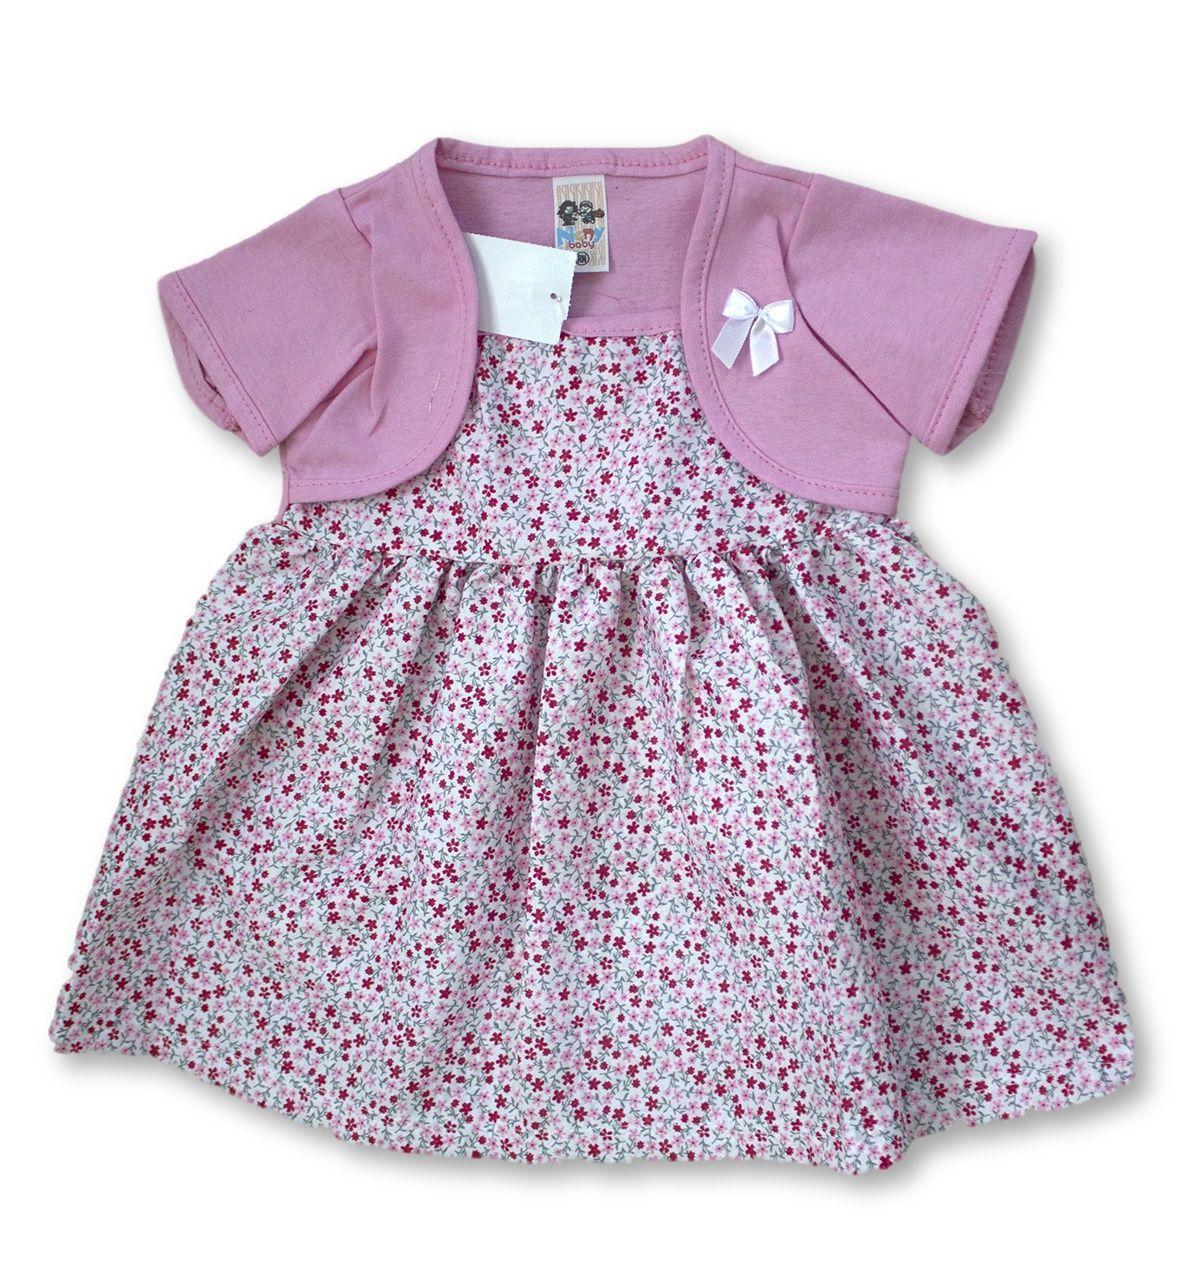 Vestido Bebê Recém Nascido Feminino Menina Cod 9064